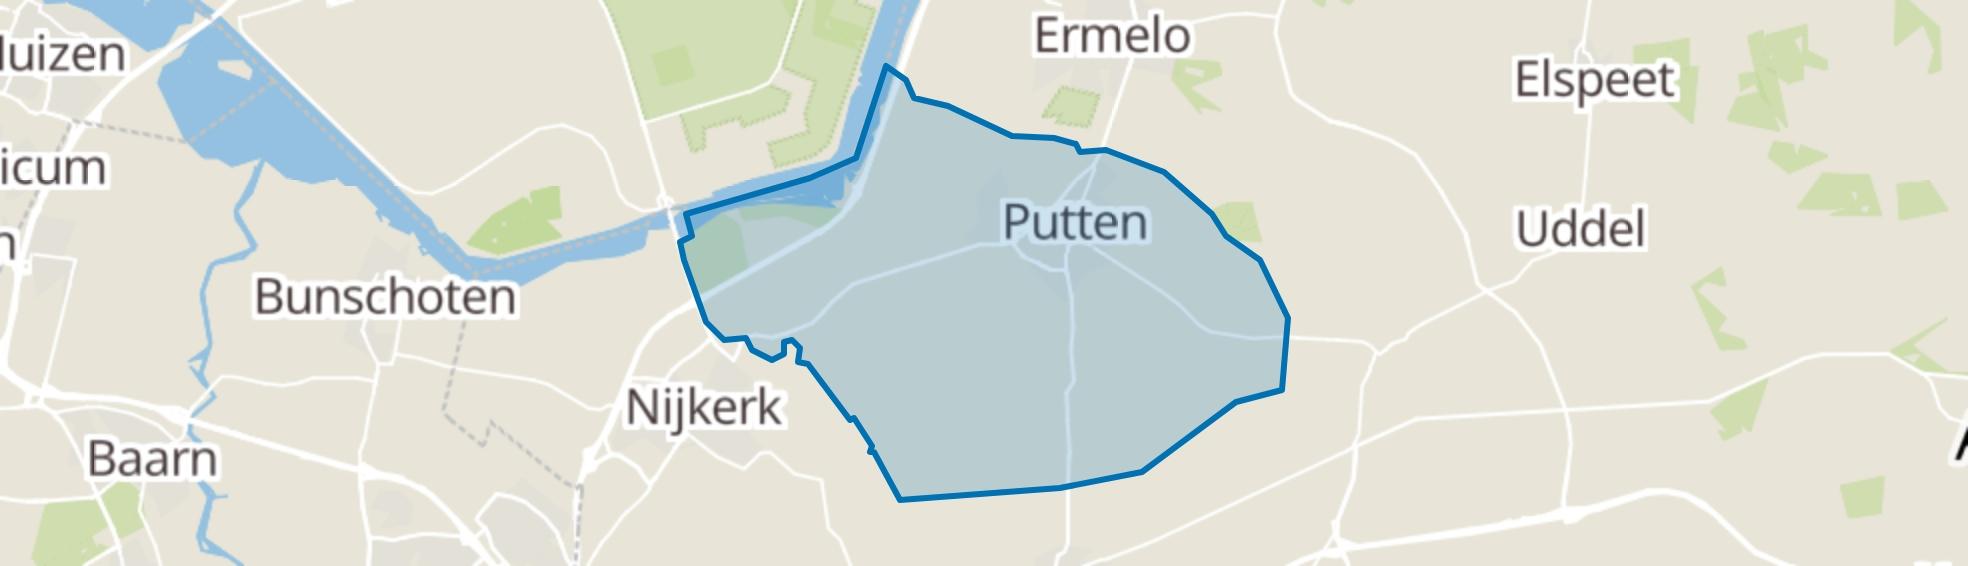 Putten map